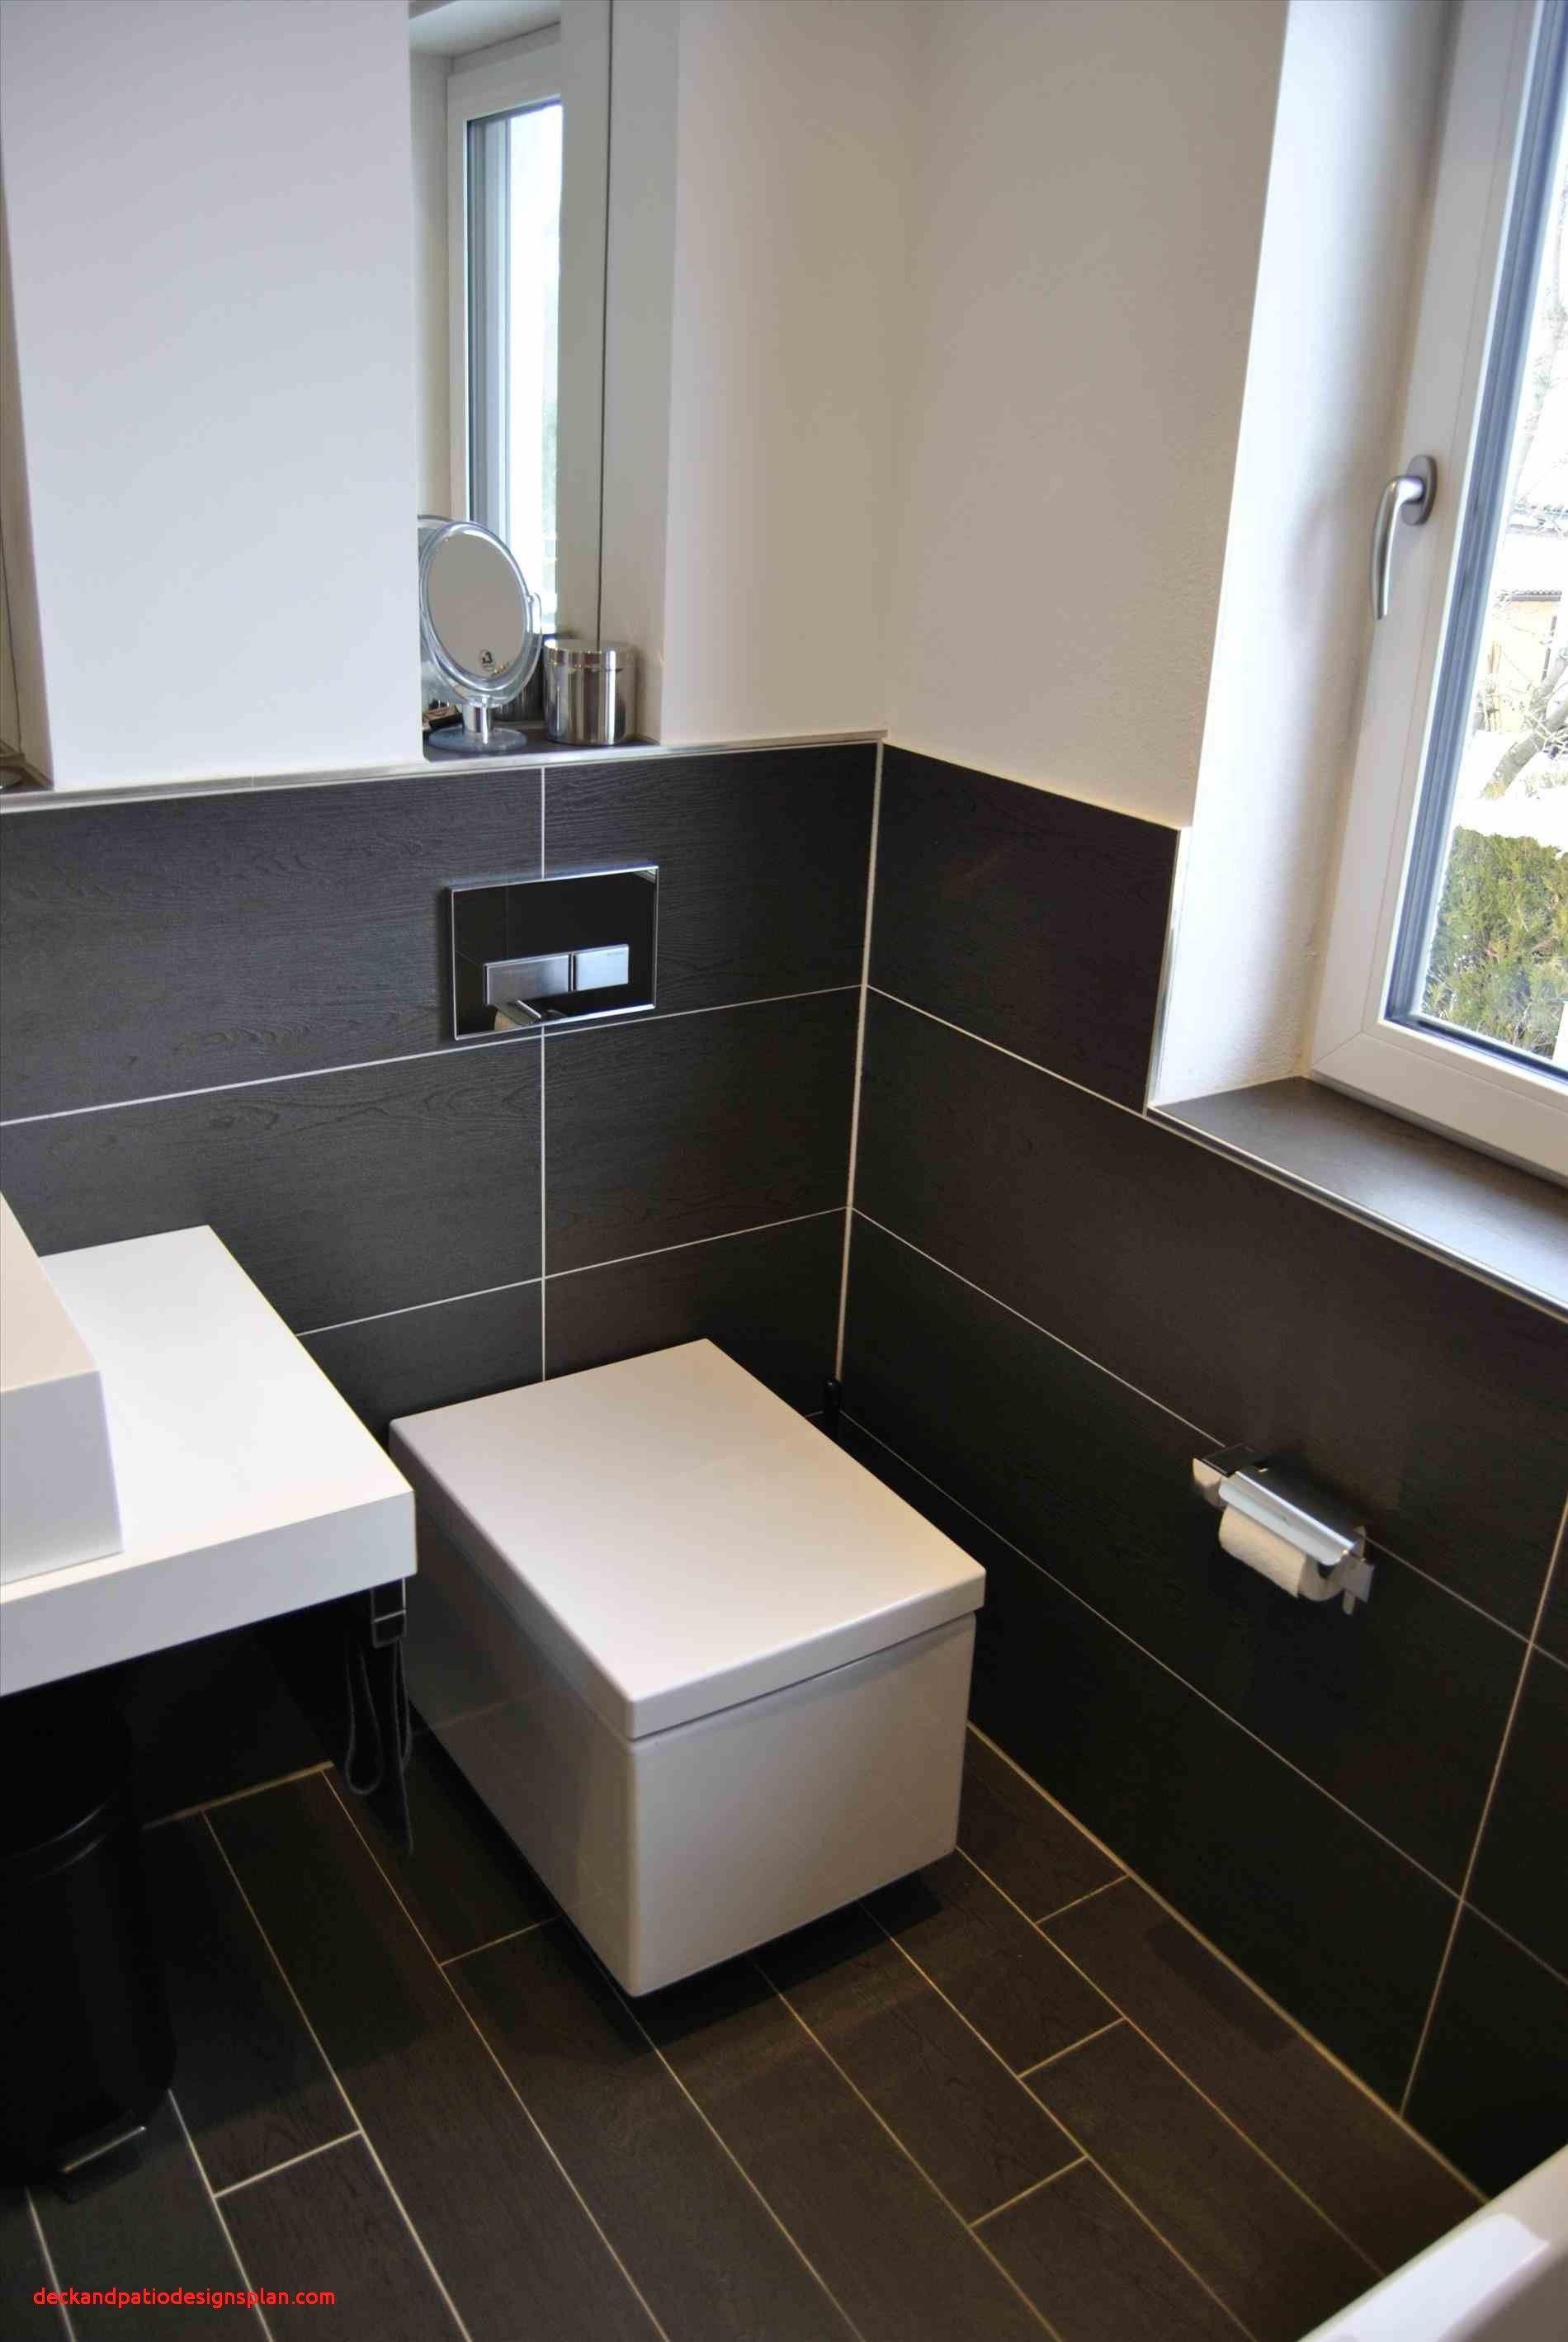 14 Badezimmer Umbau Fotos Ideen Neu Neu Rollo Bad